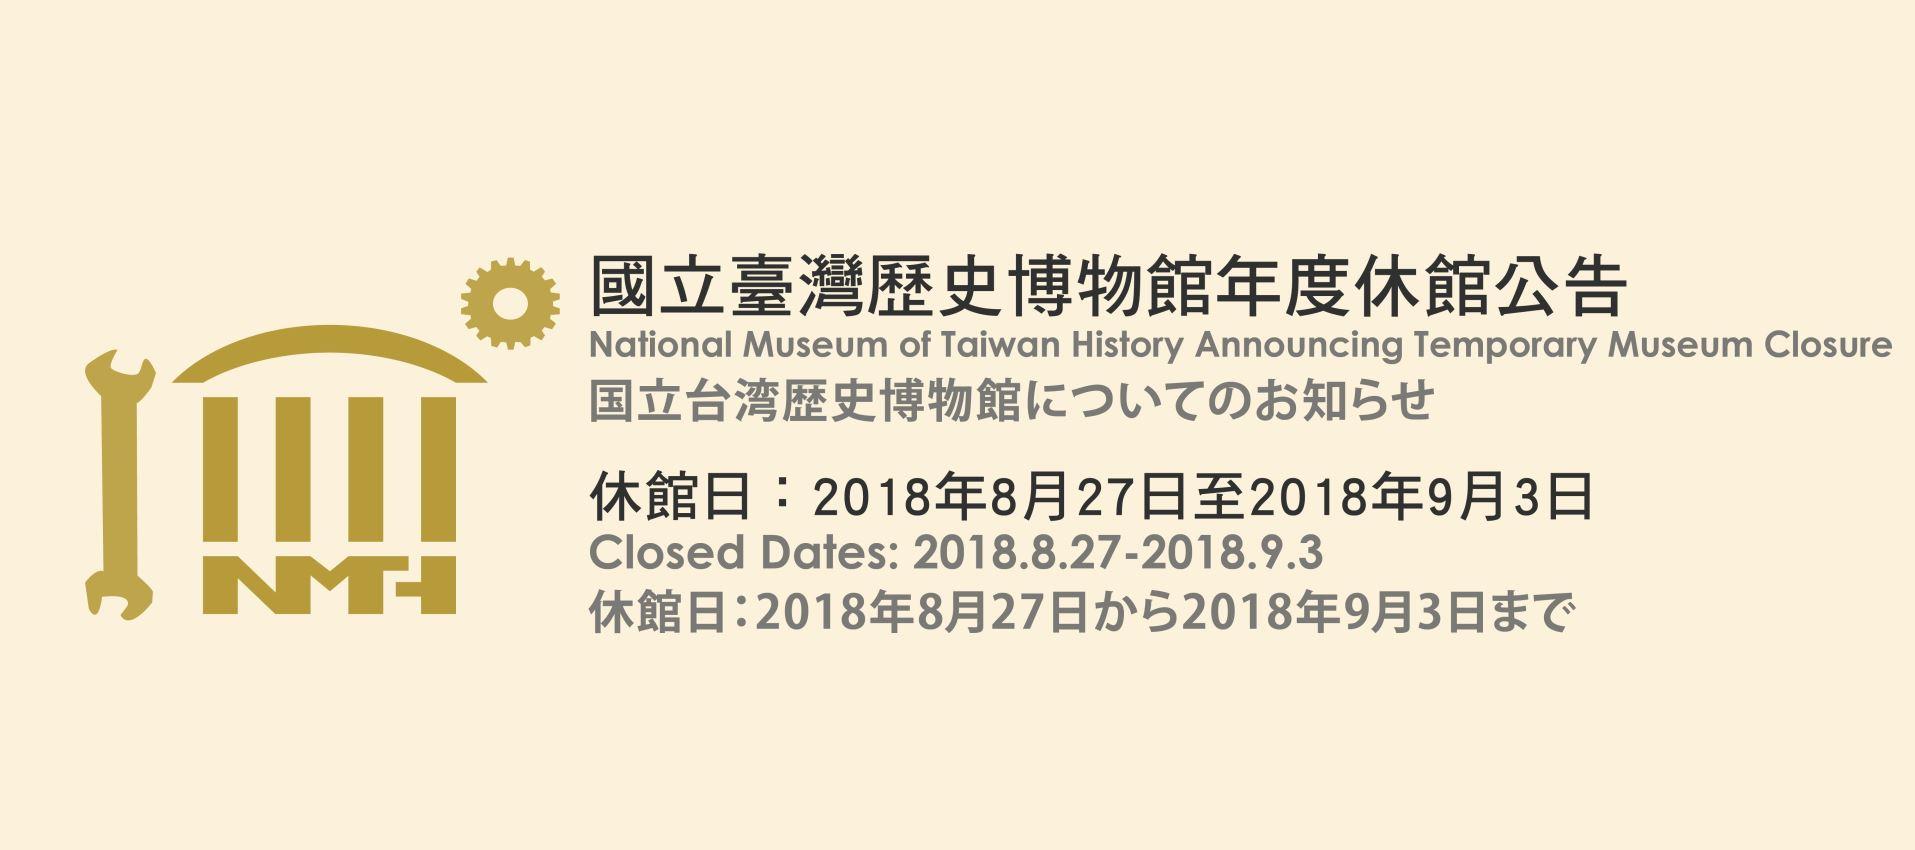 国立台湾歴史博物館の休館のお知らせ(2018/8/27から9/3まで)